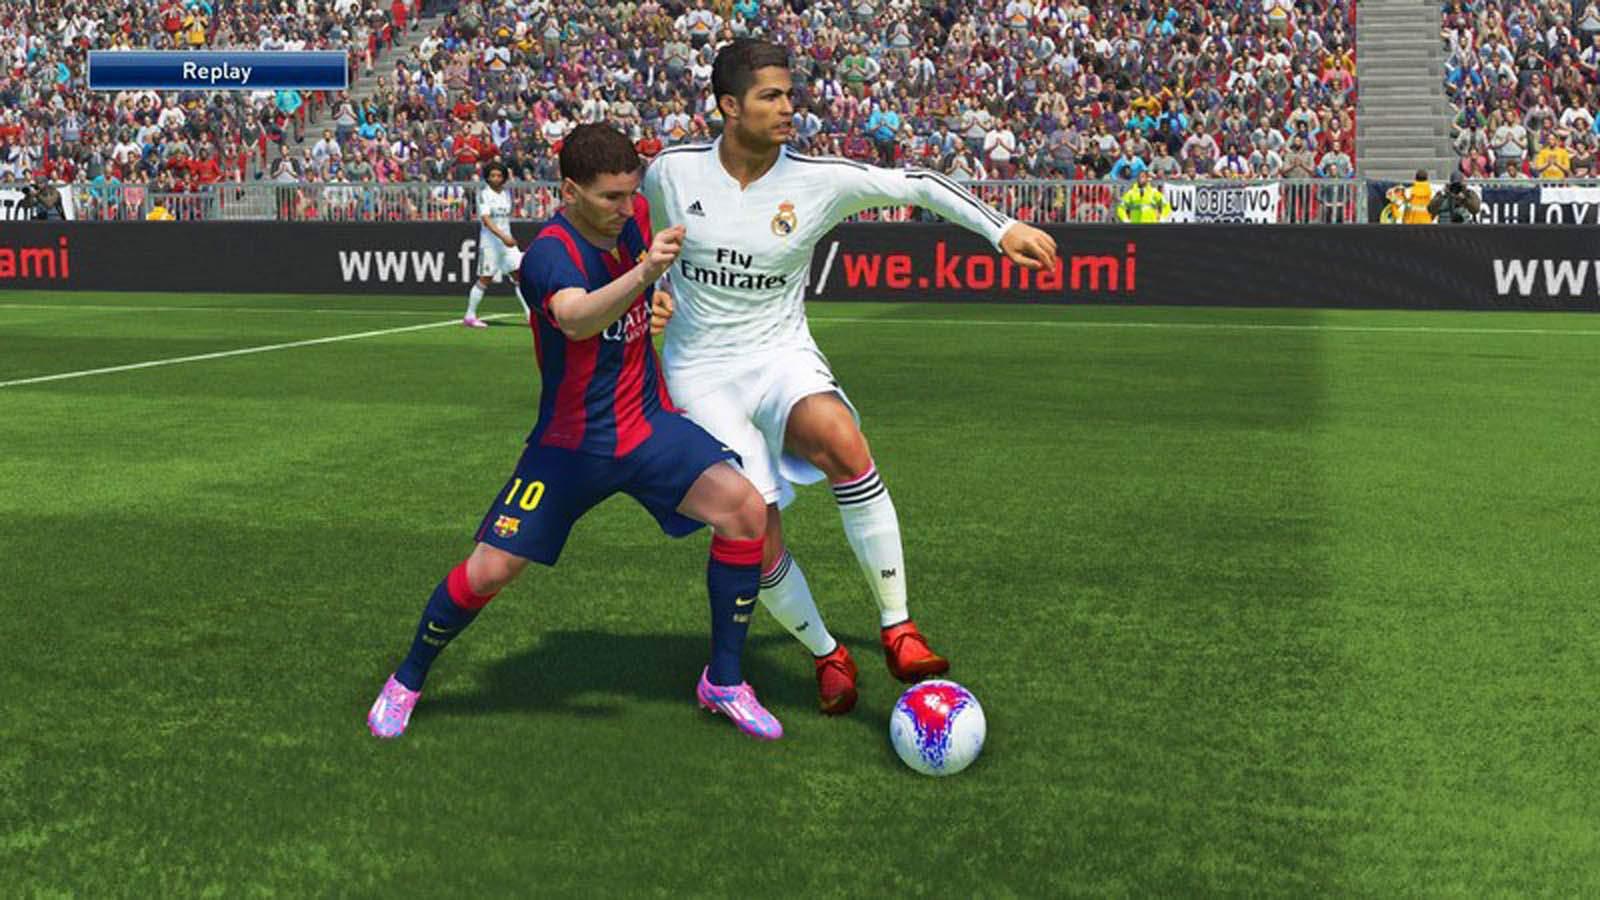 تحميل لعبة PES 2015 مضغوطة برابط واحد مباشر + تورنت كاملة مجانا